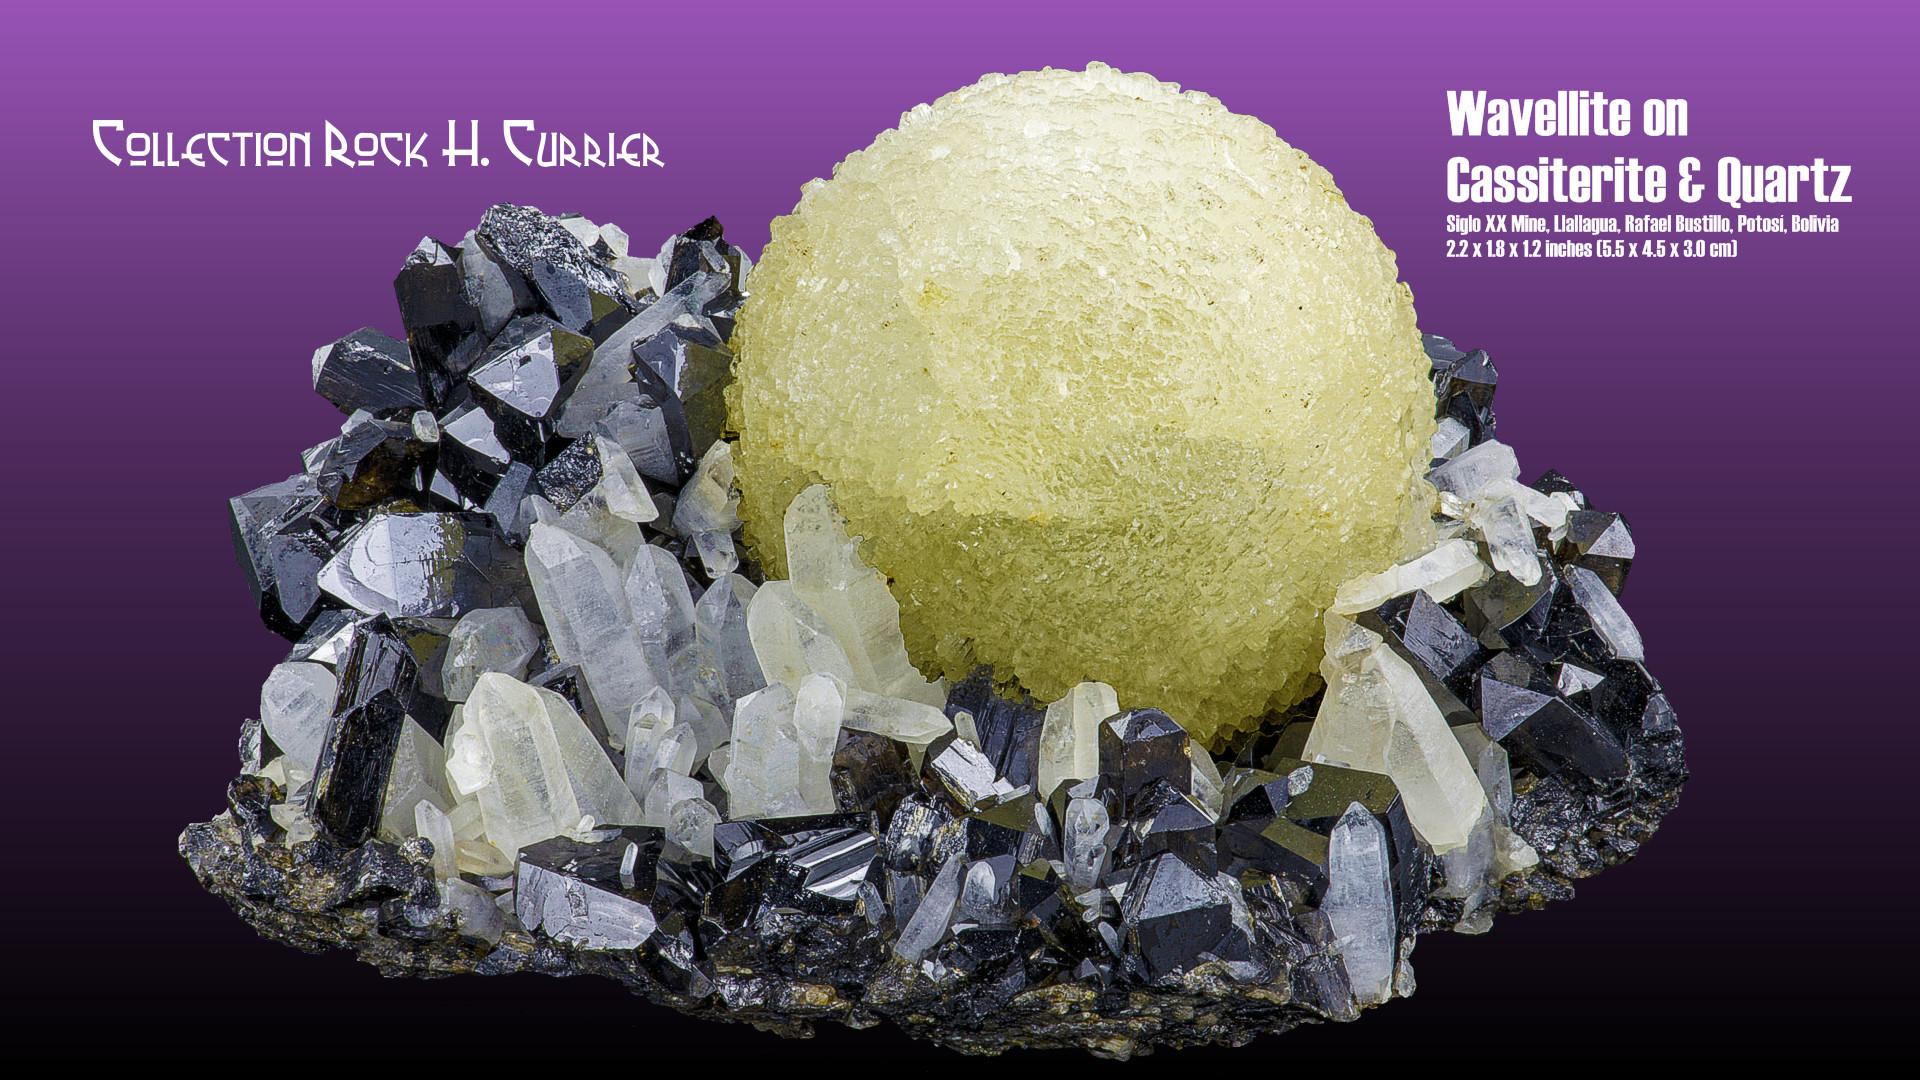 Wavellite on Cassiterite & Quartz.jpg